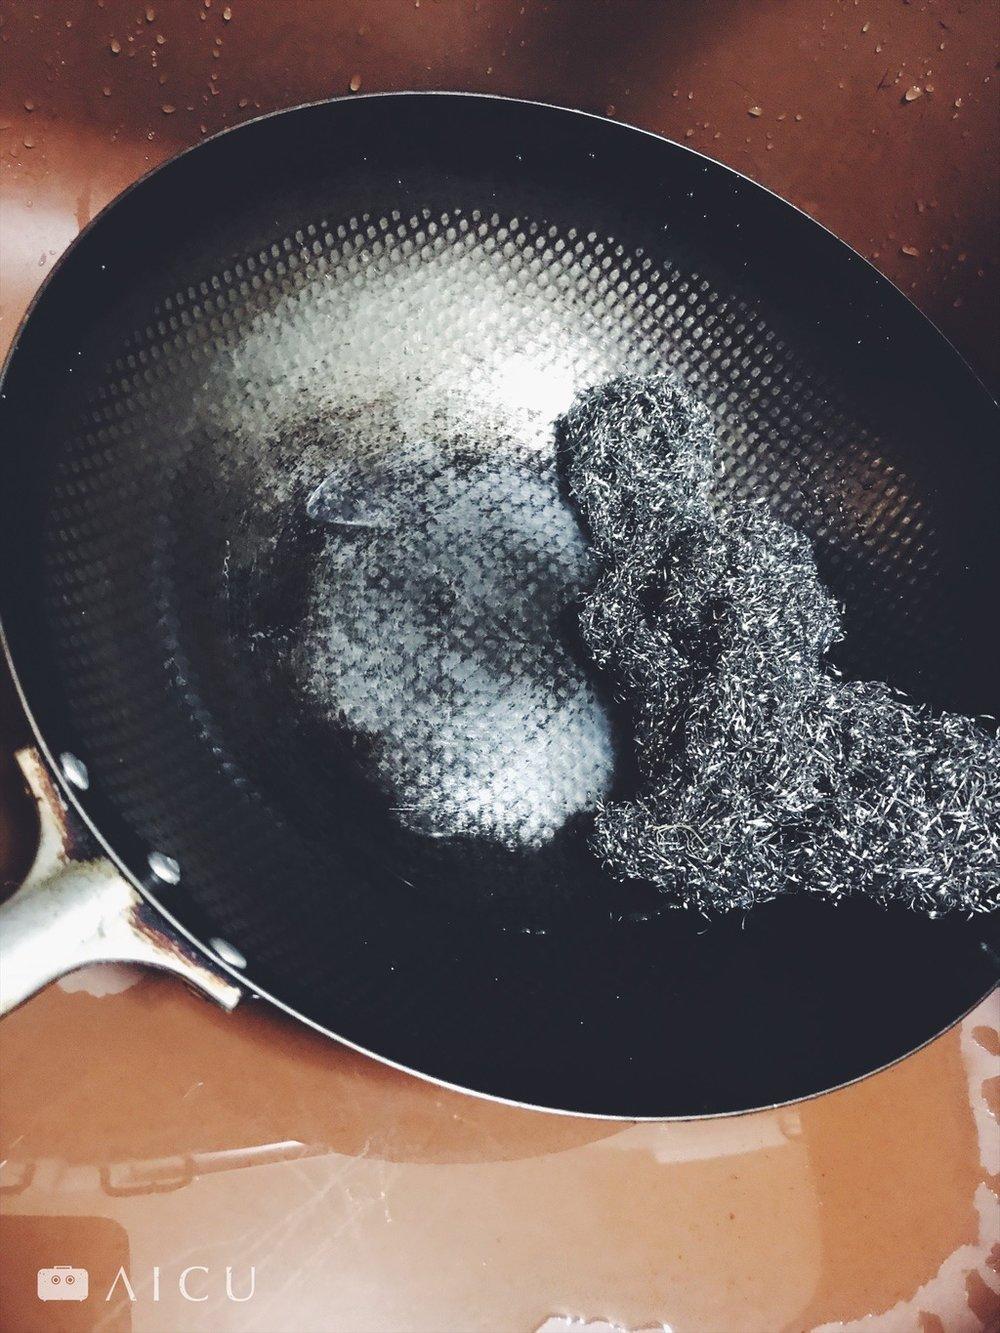 刷掉就對了 - 神器鐵鍋趁熱洗,大多能洗乾淨;棕刷/洗碗布都可以,但直接用鐵刷也沒問題。